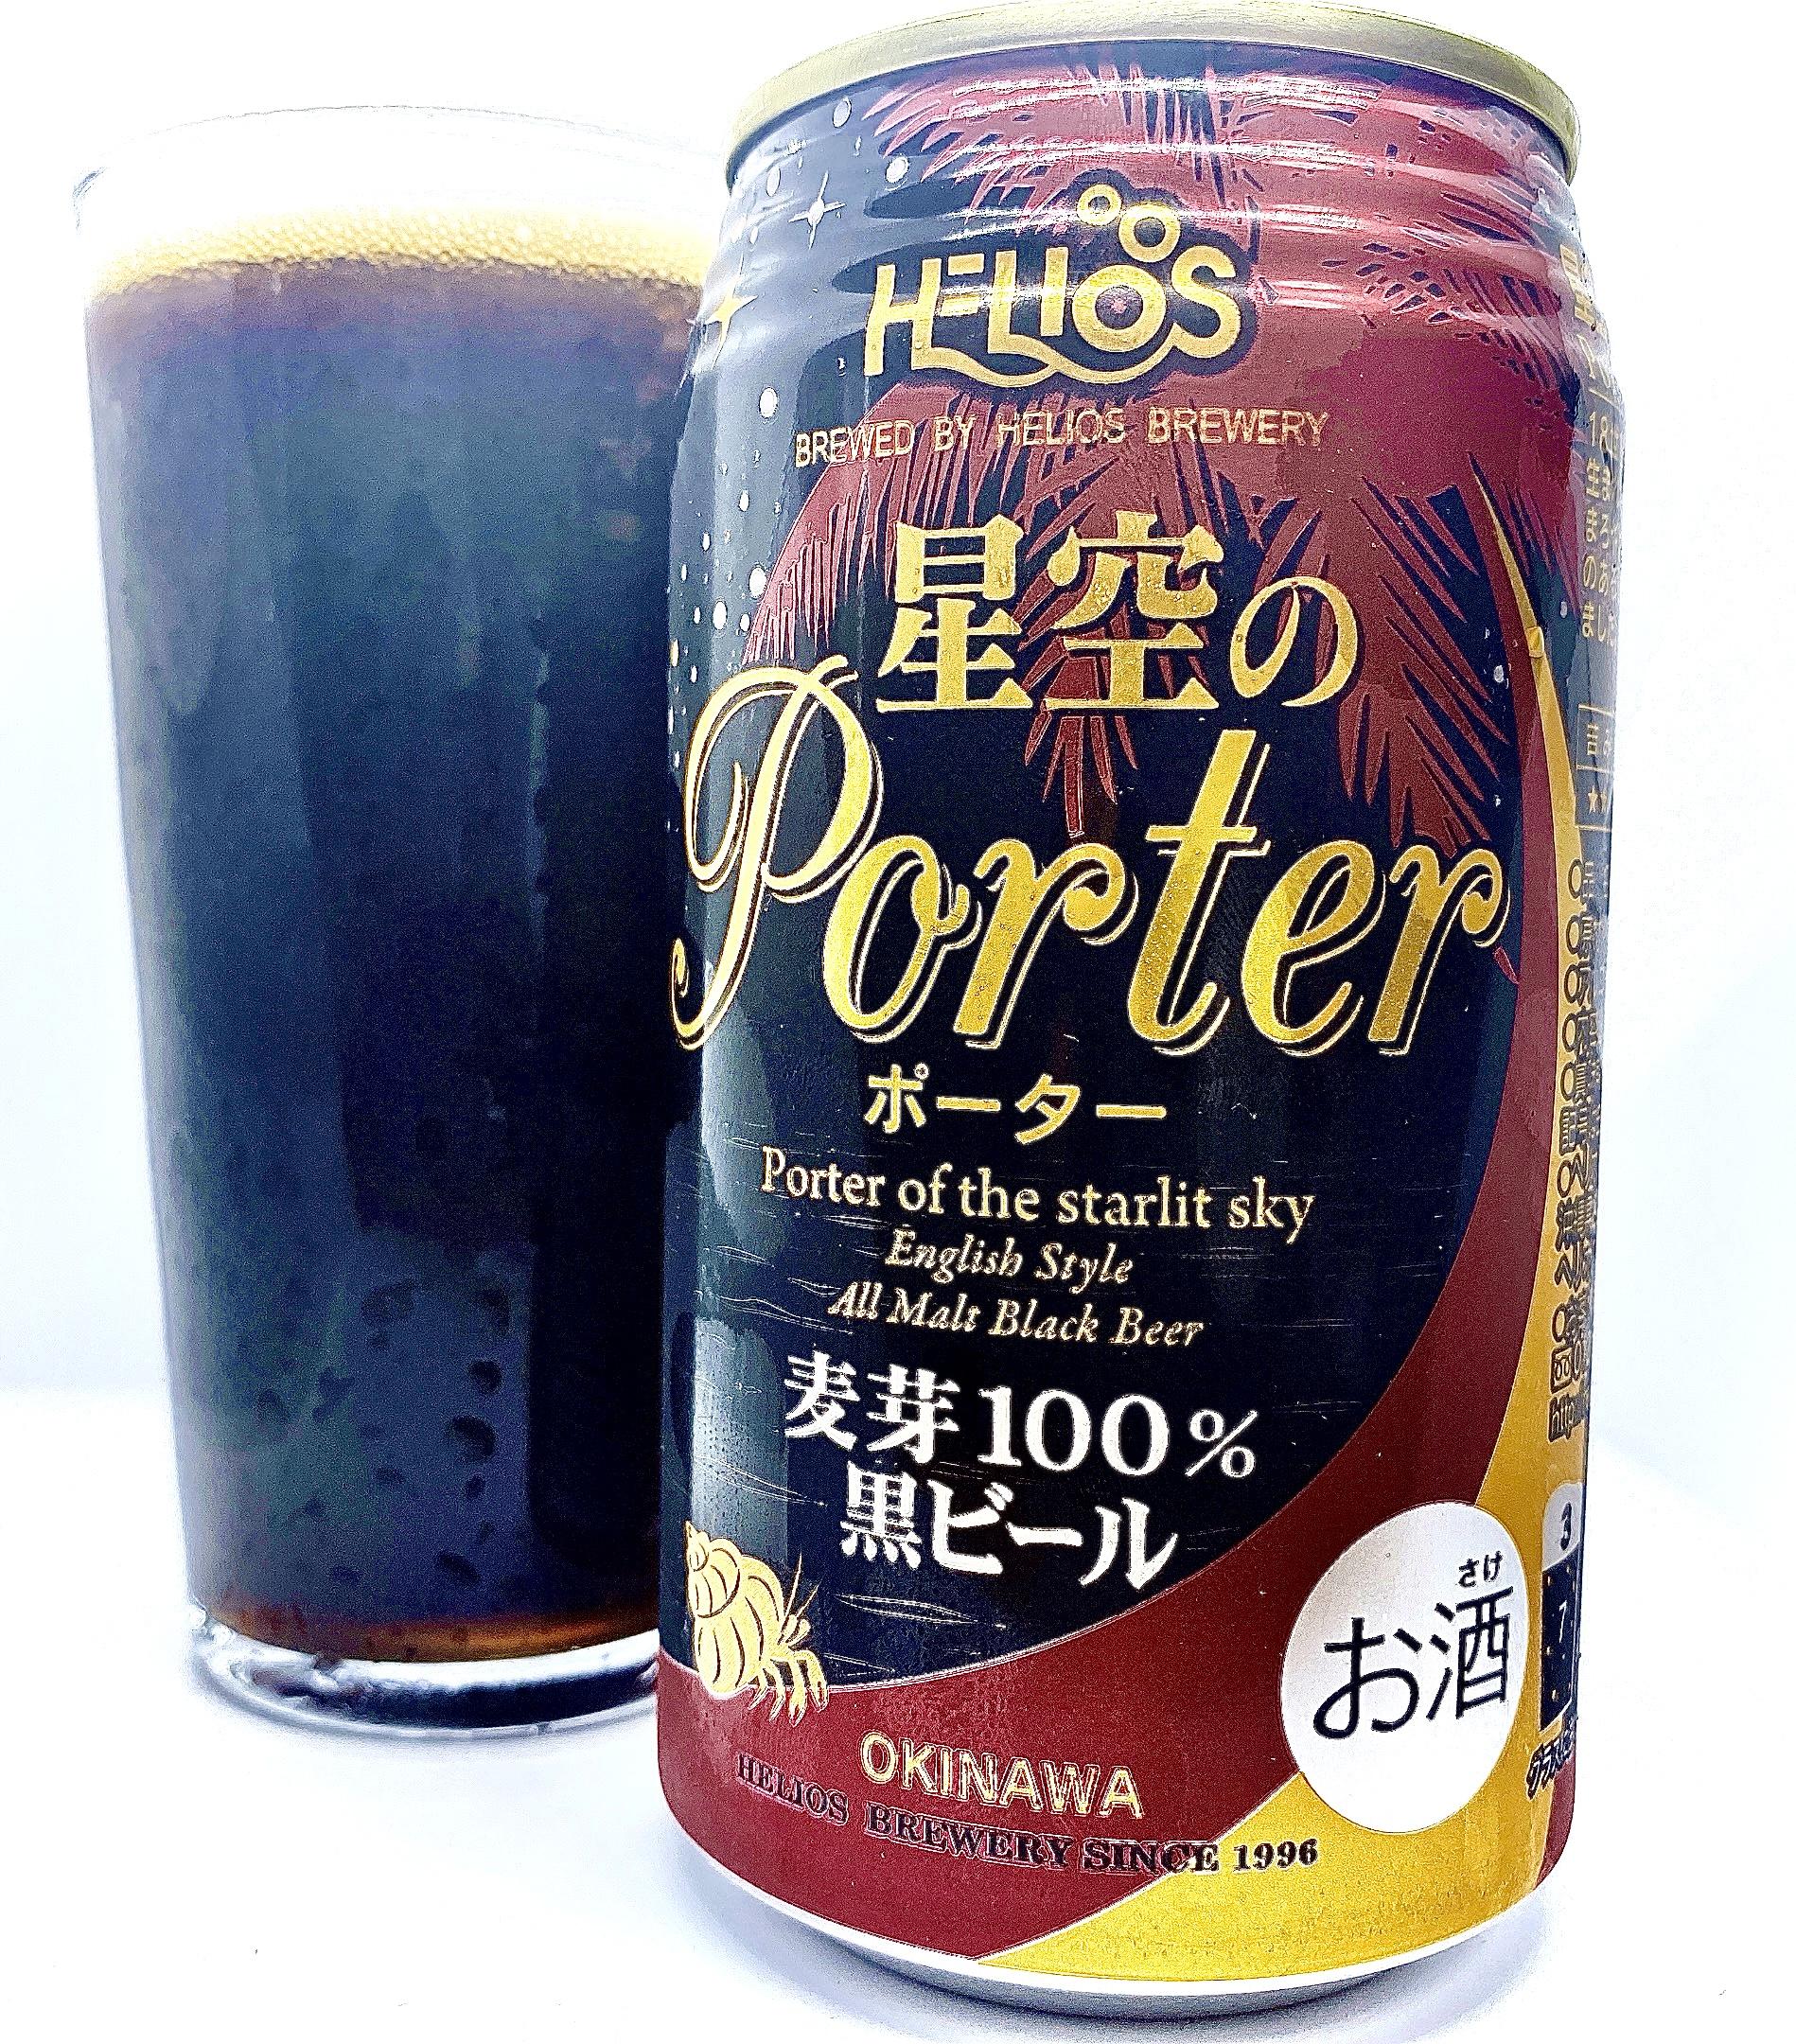 ヘリオス酒造株式会社「星空のポーター」。